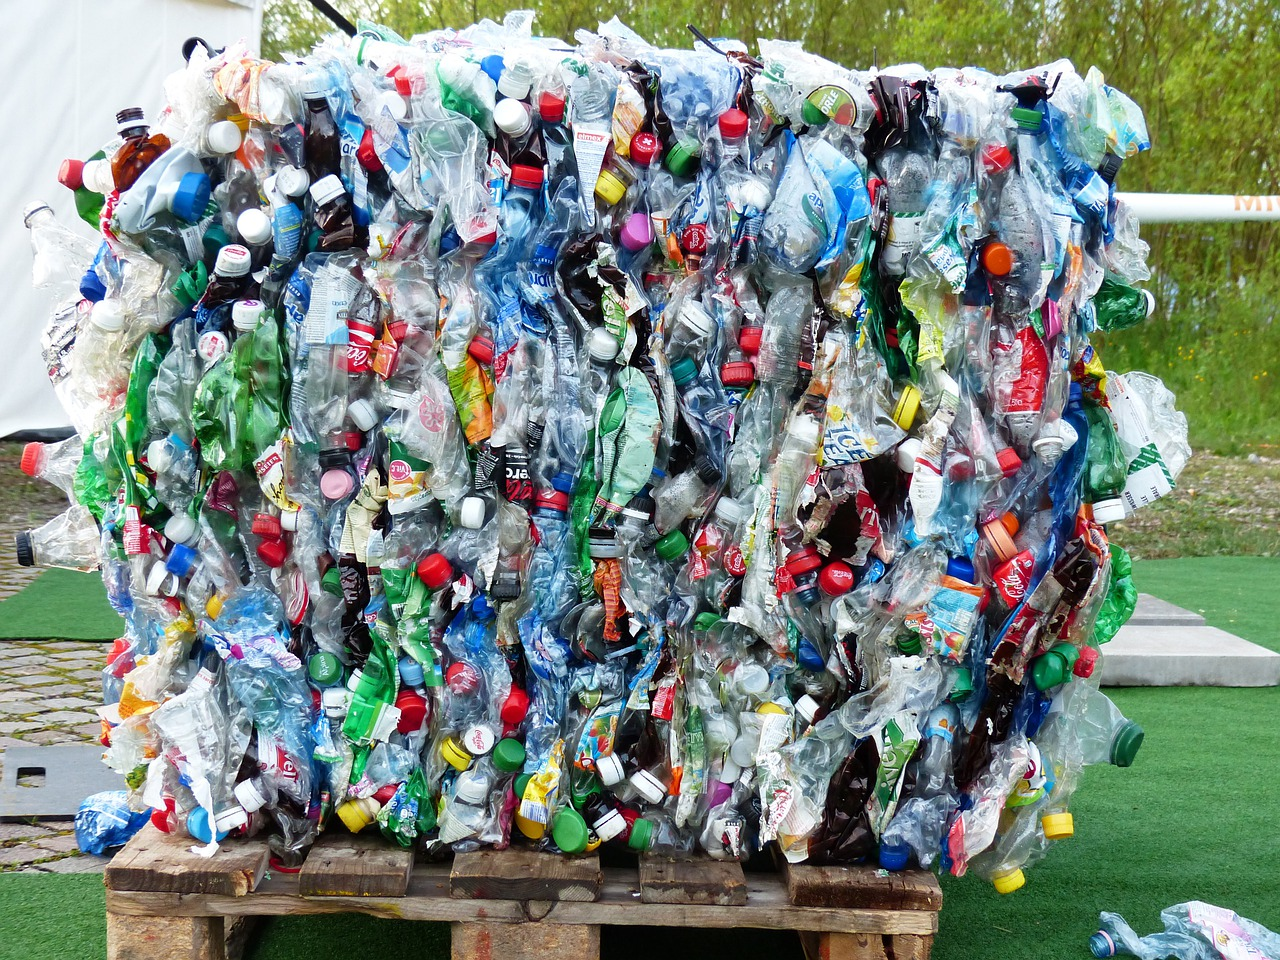 Plastikflaschen, Flaschen, Recycling, Umweltschutz